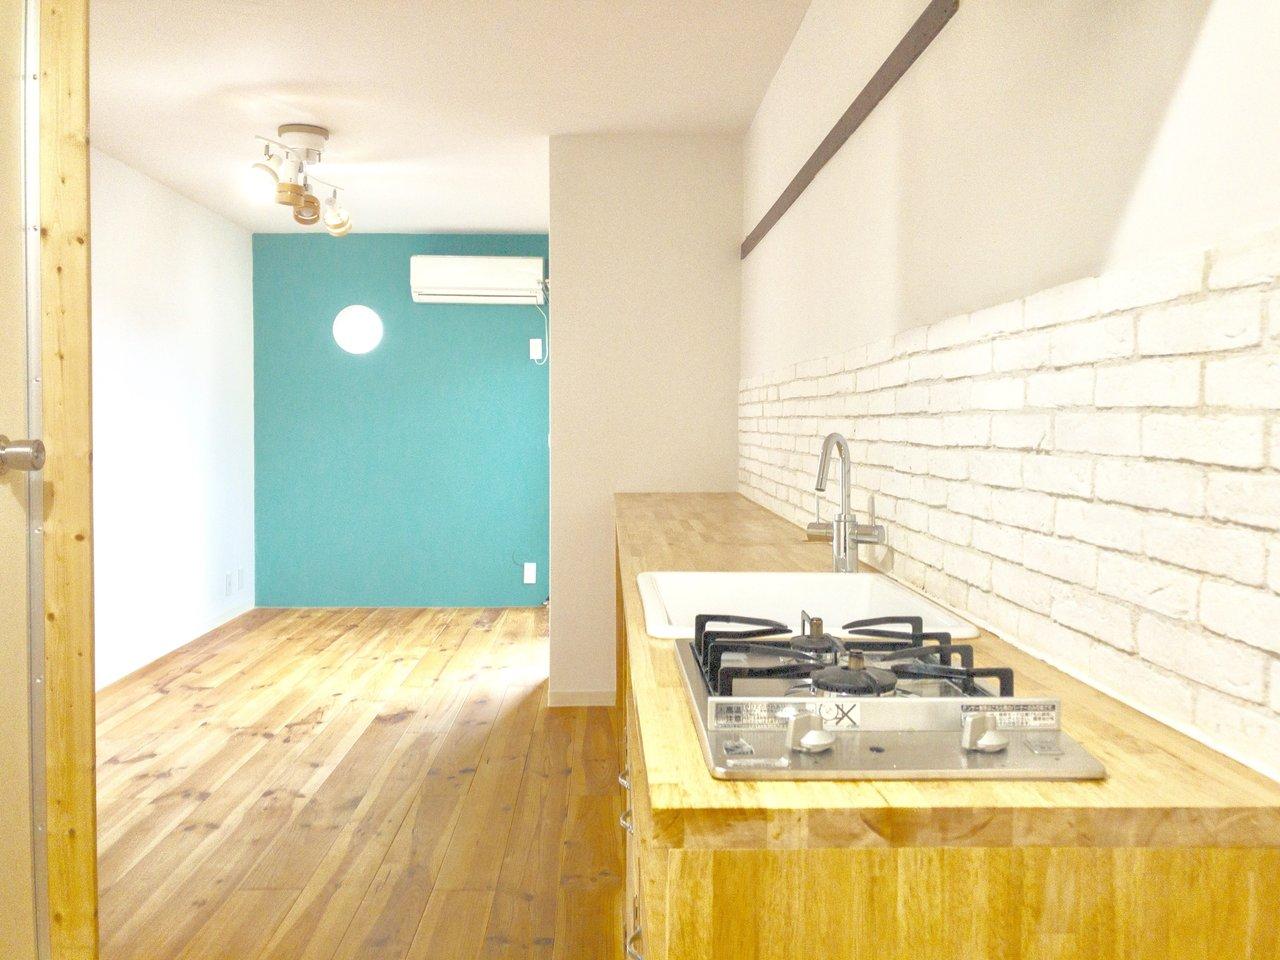 3件目はウッドテイストがうれしい、あたたかみのあるキッチン。部屋には鮮やかなグリーンの壁紙も。全体的にとってもおしゃれ!